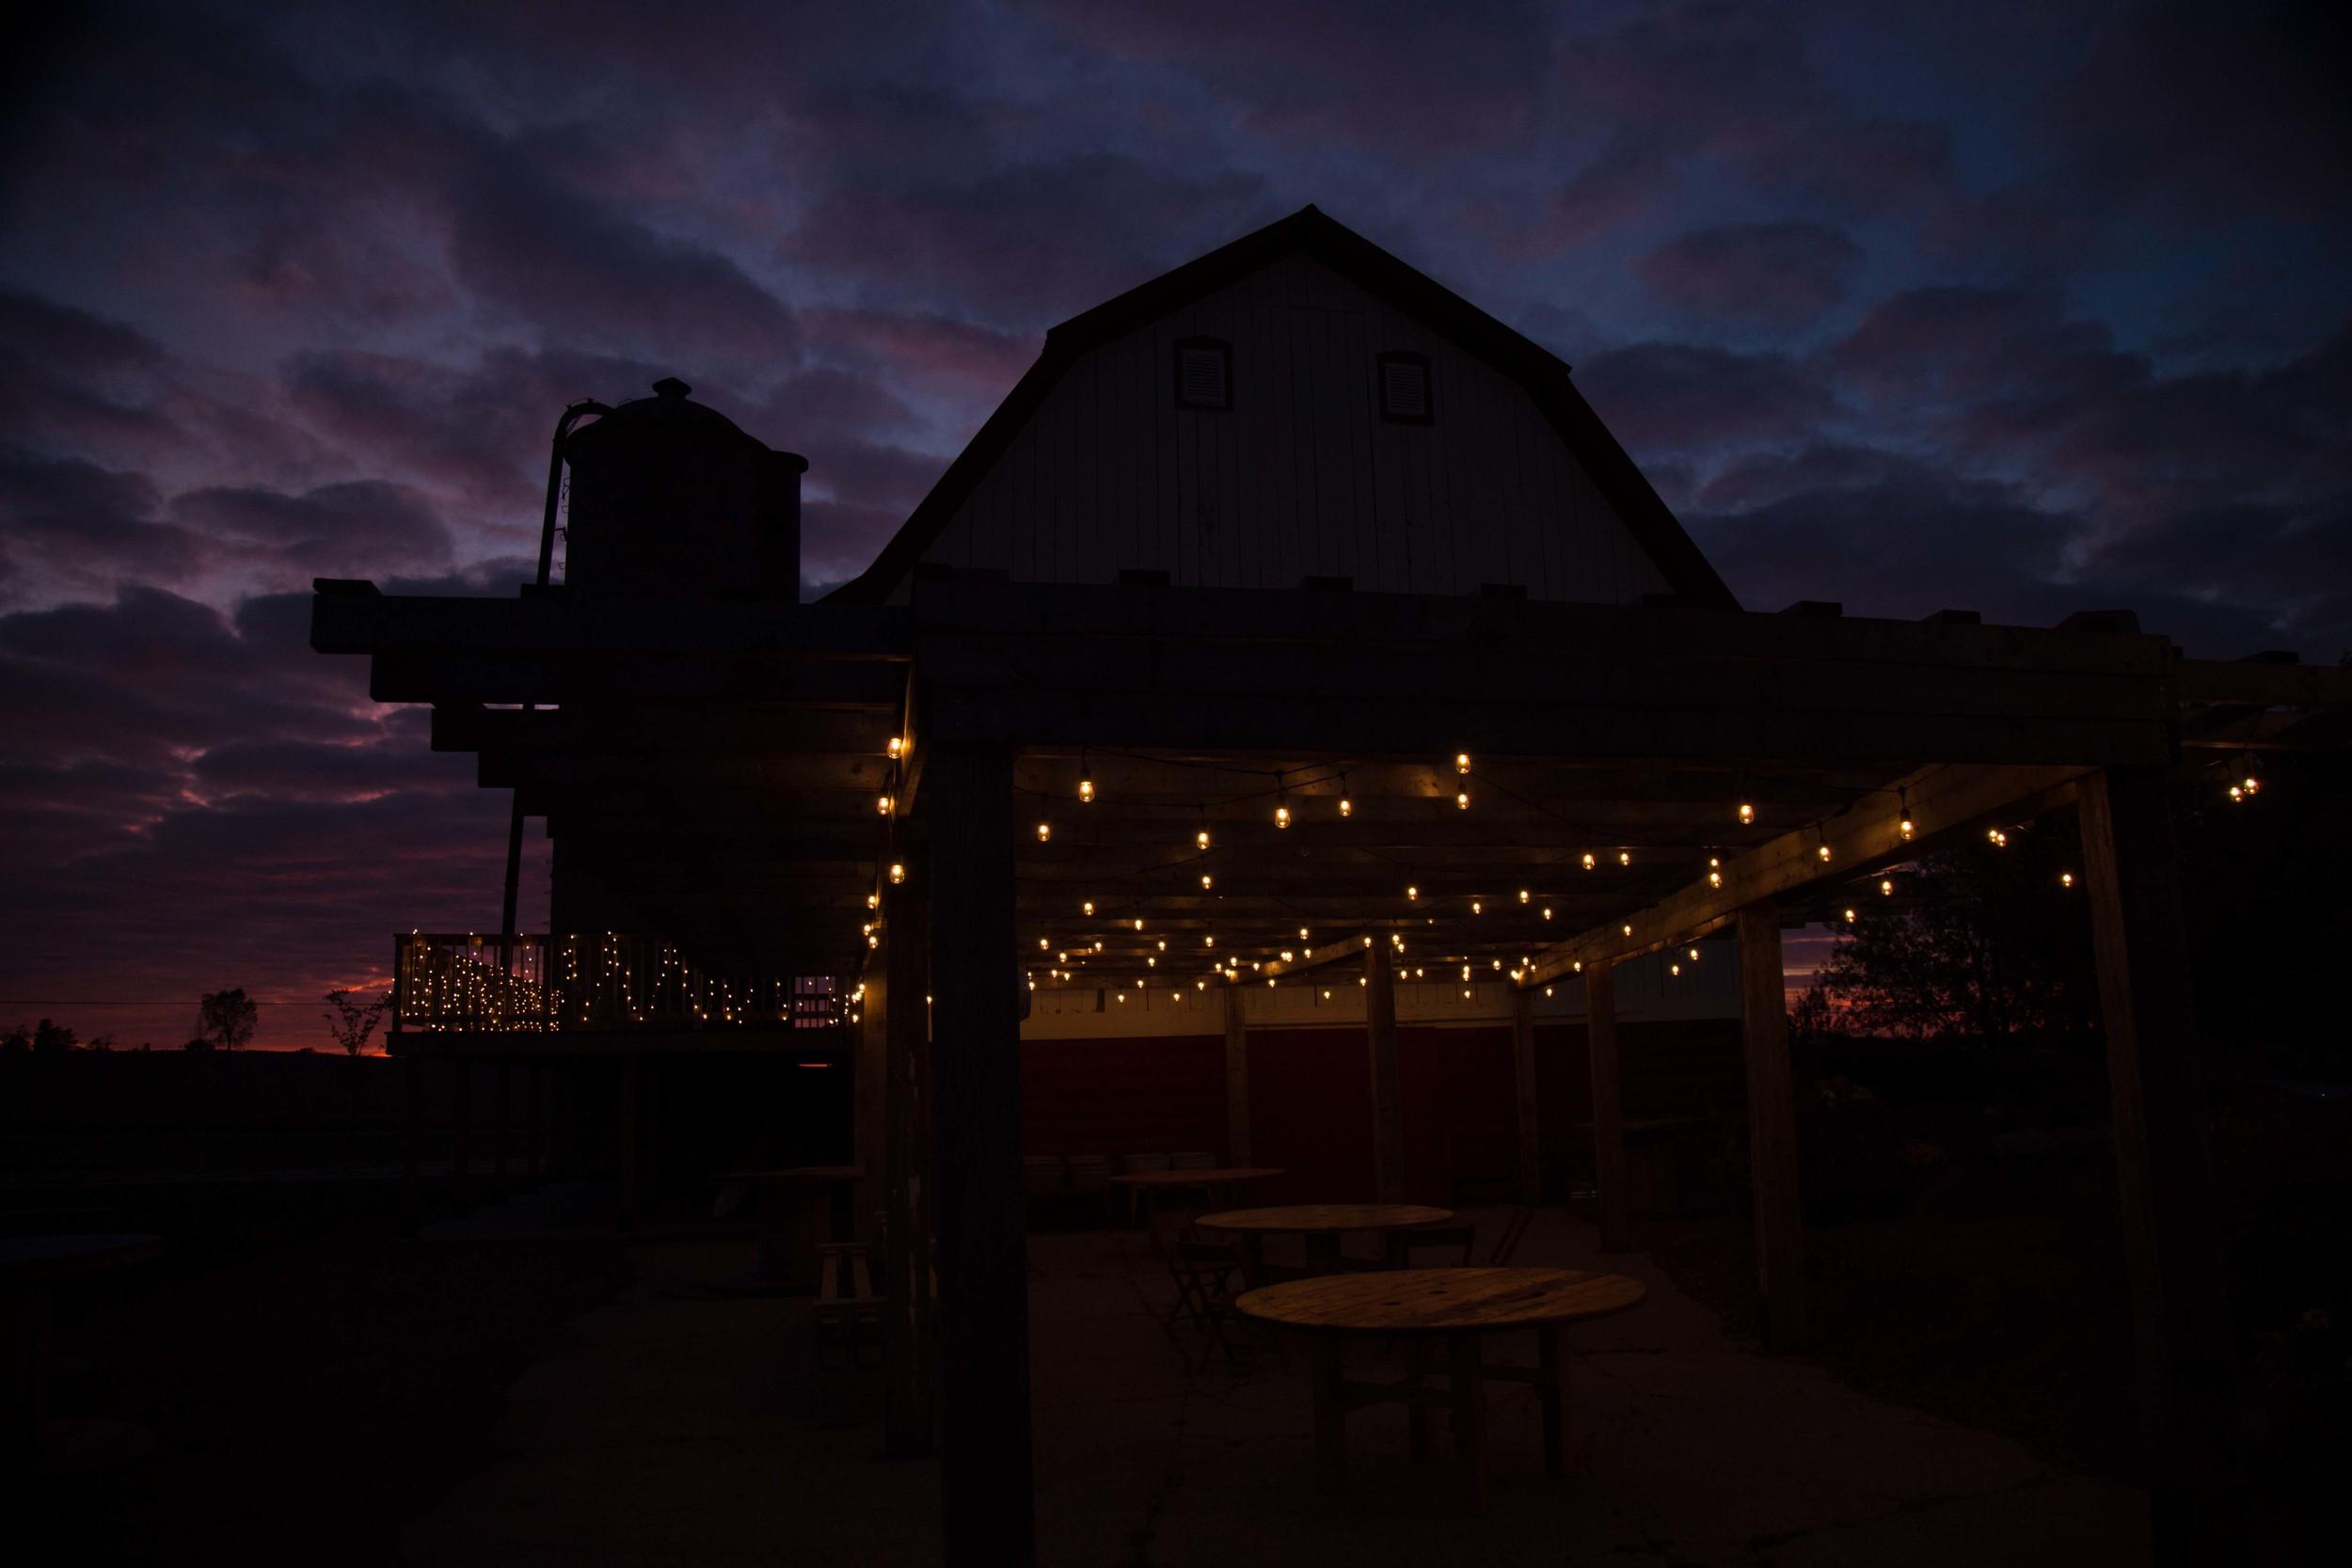 10_10-Pergola_Barn_lights_sunset_9749.jpg